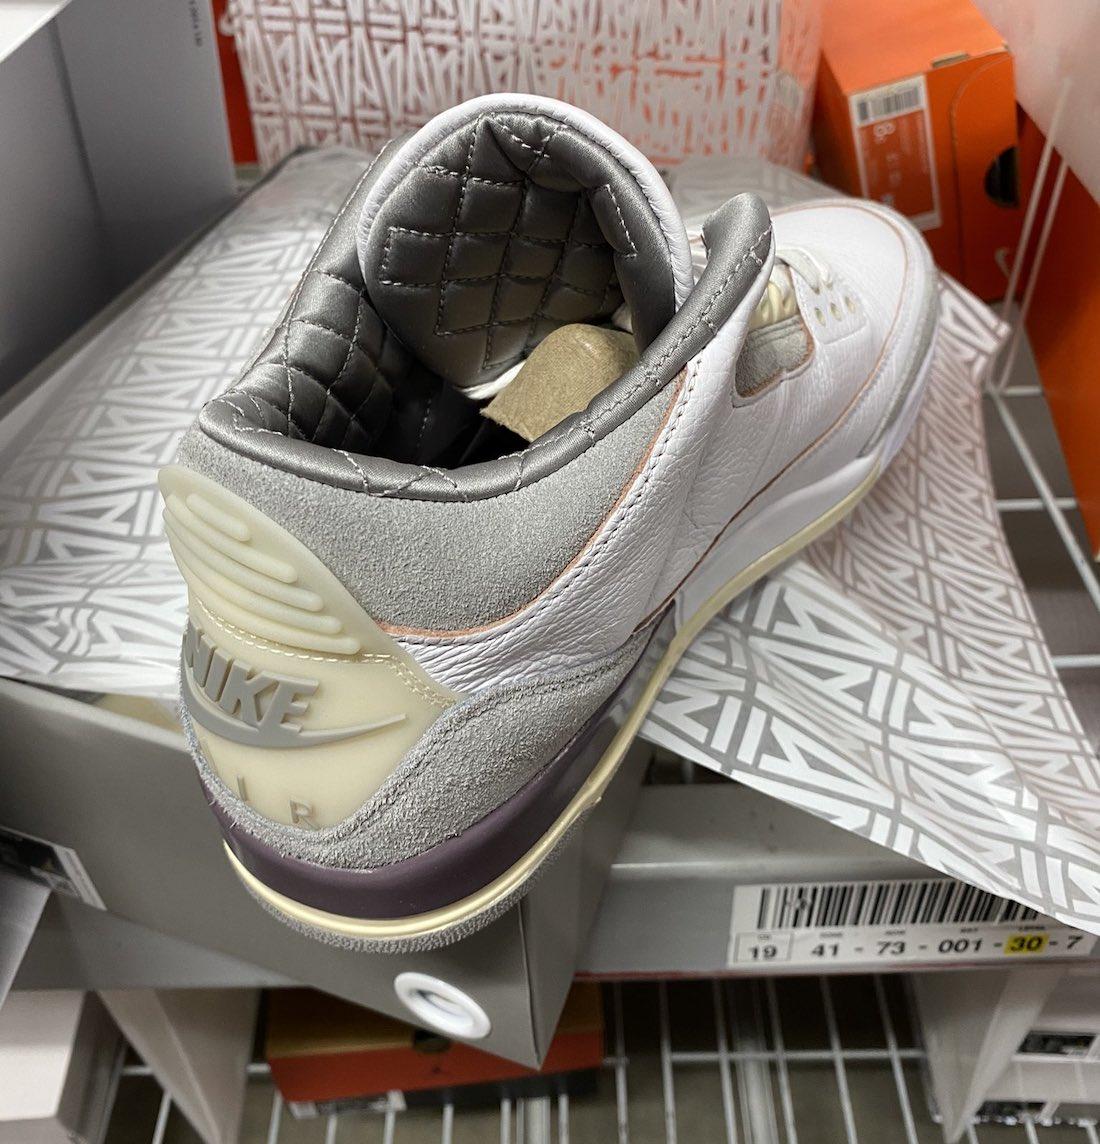 A Ma Maniere Air Jordan 3 Release Date